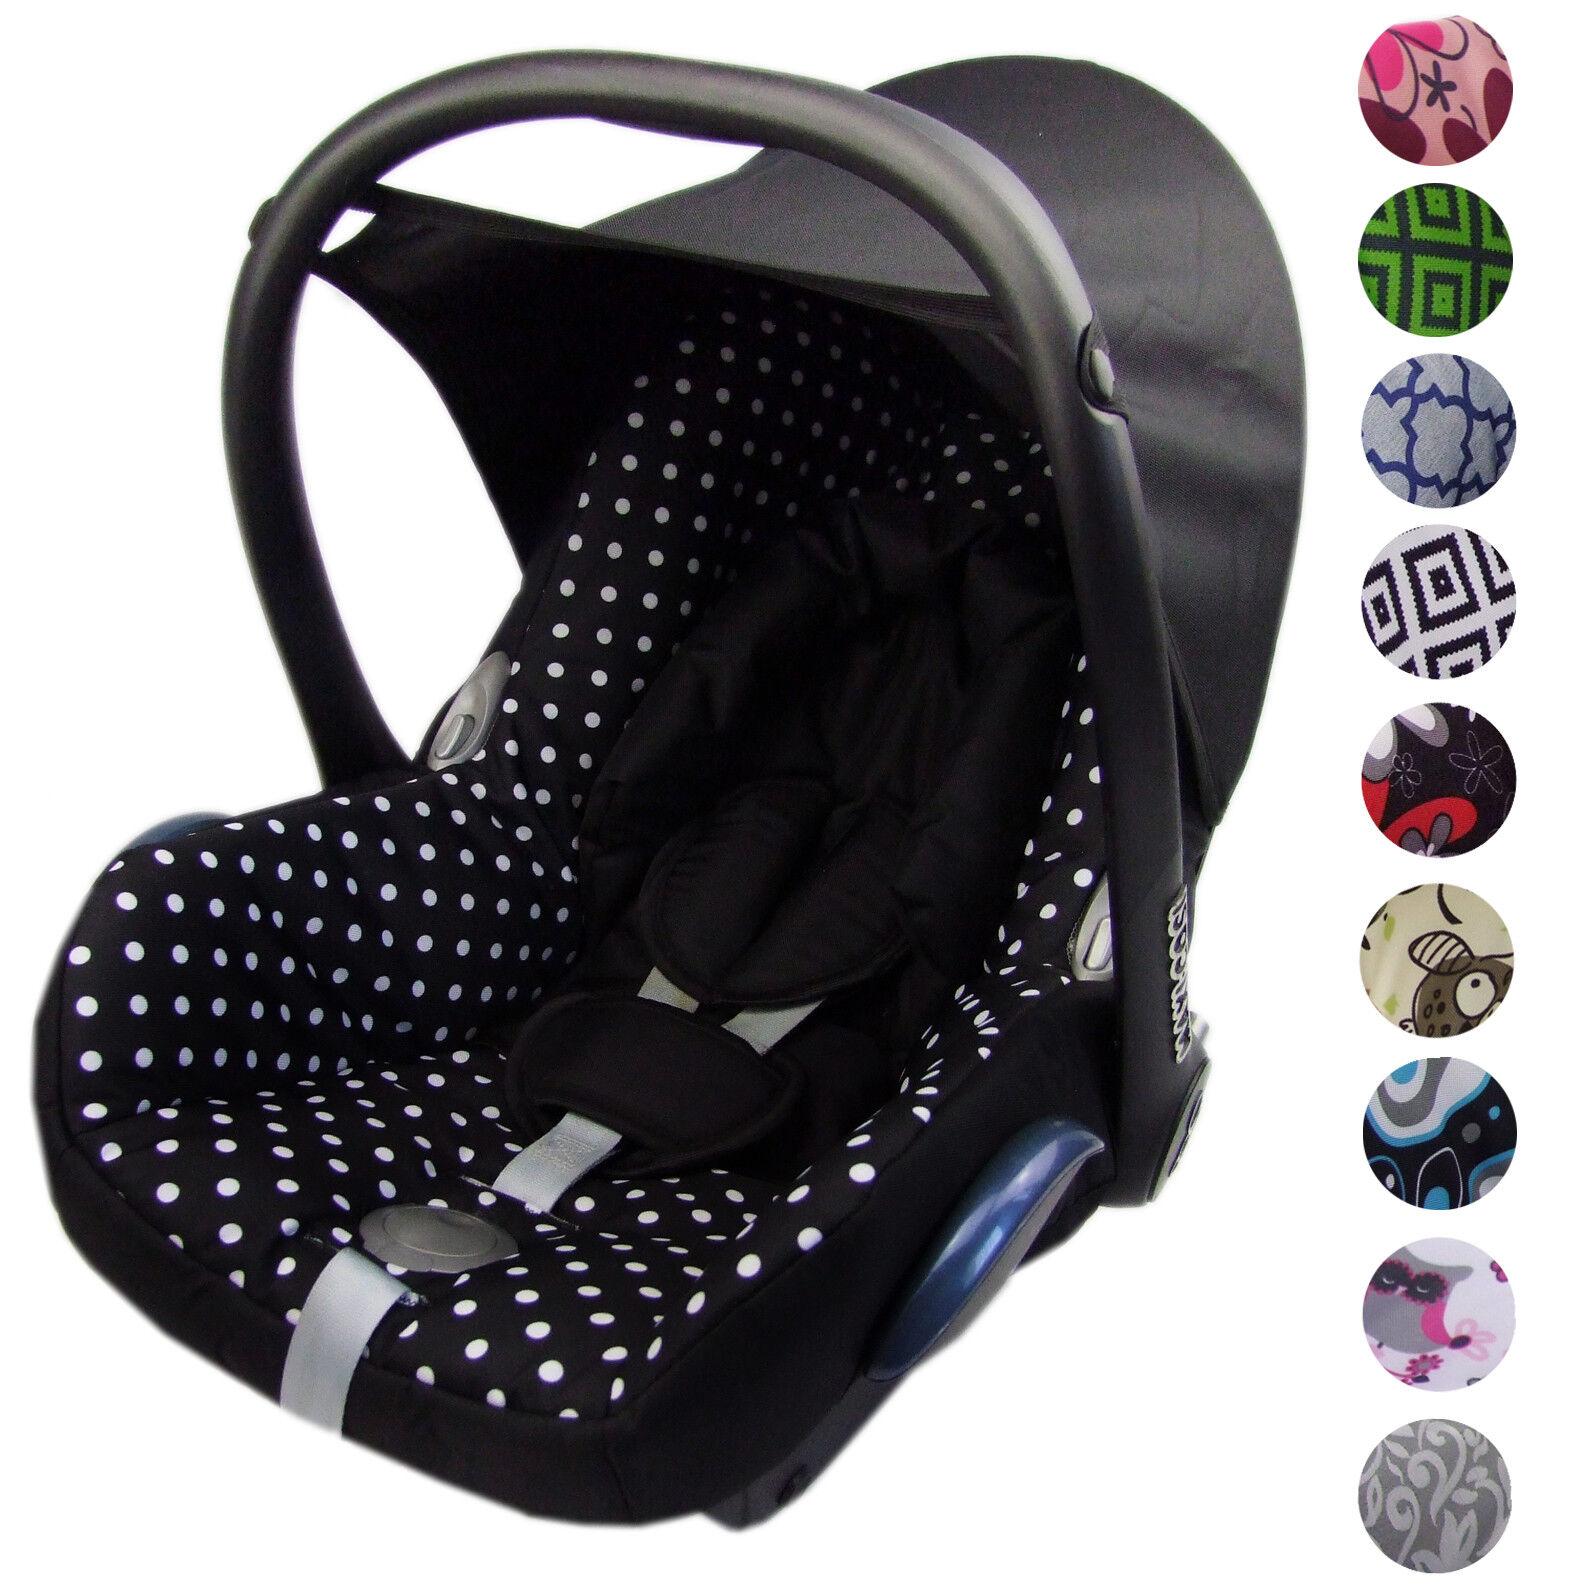 babyschale test vergleich babyschale g nstig kaufen. Black Bedroom Furniture Sets. Home Design Ideas